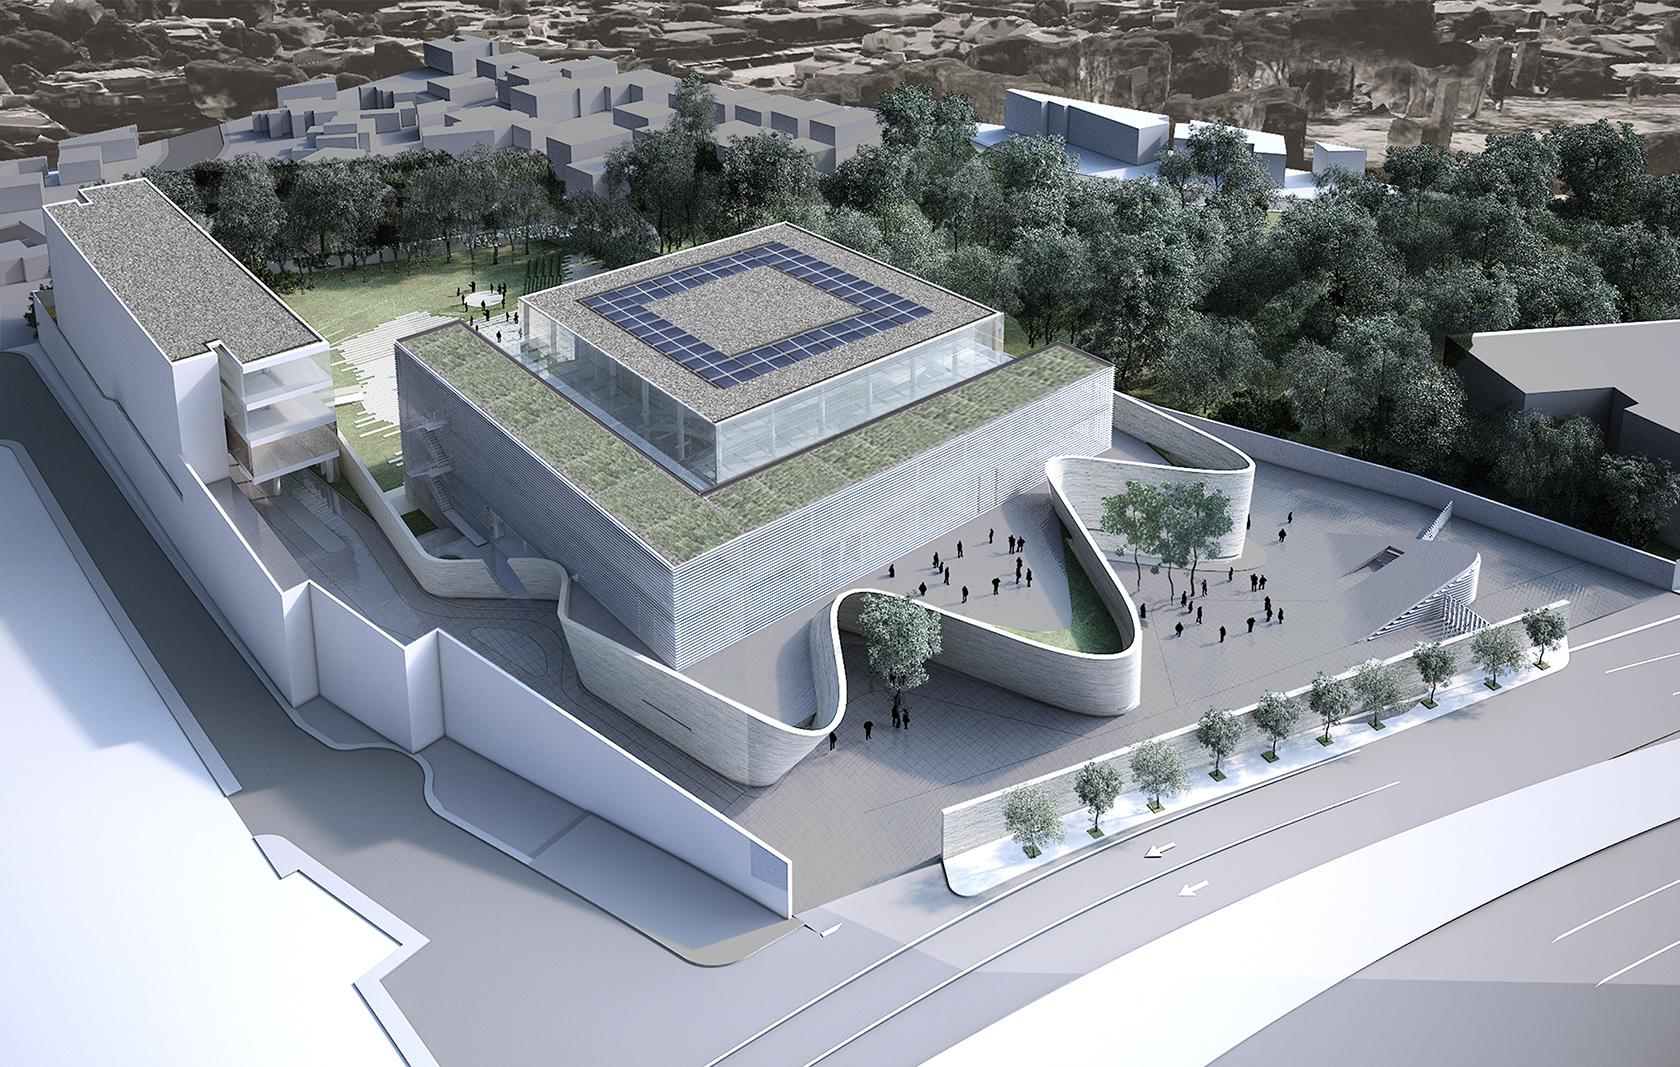 Proyecto sustentable con techos verdes y paneles solares